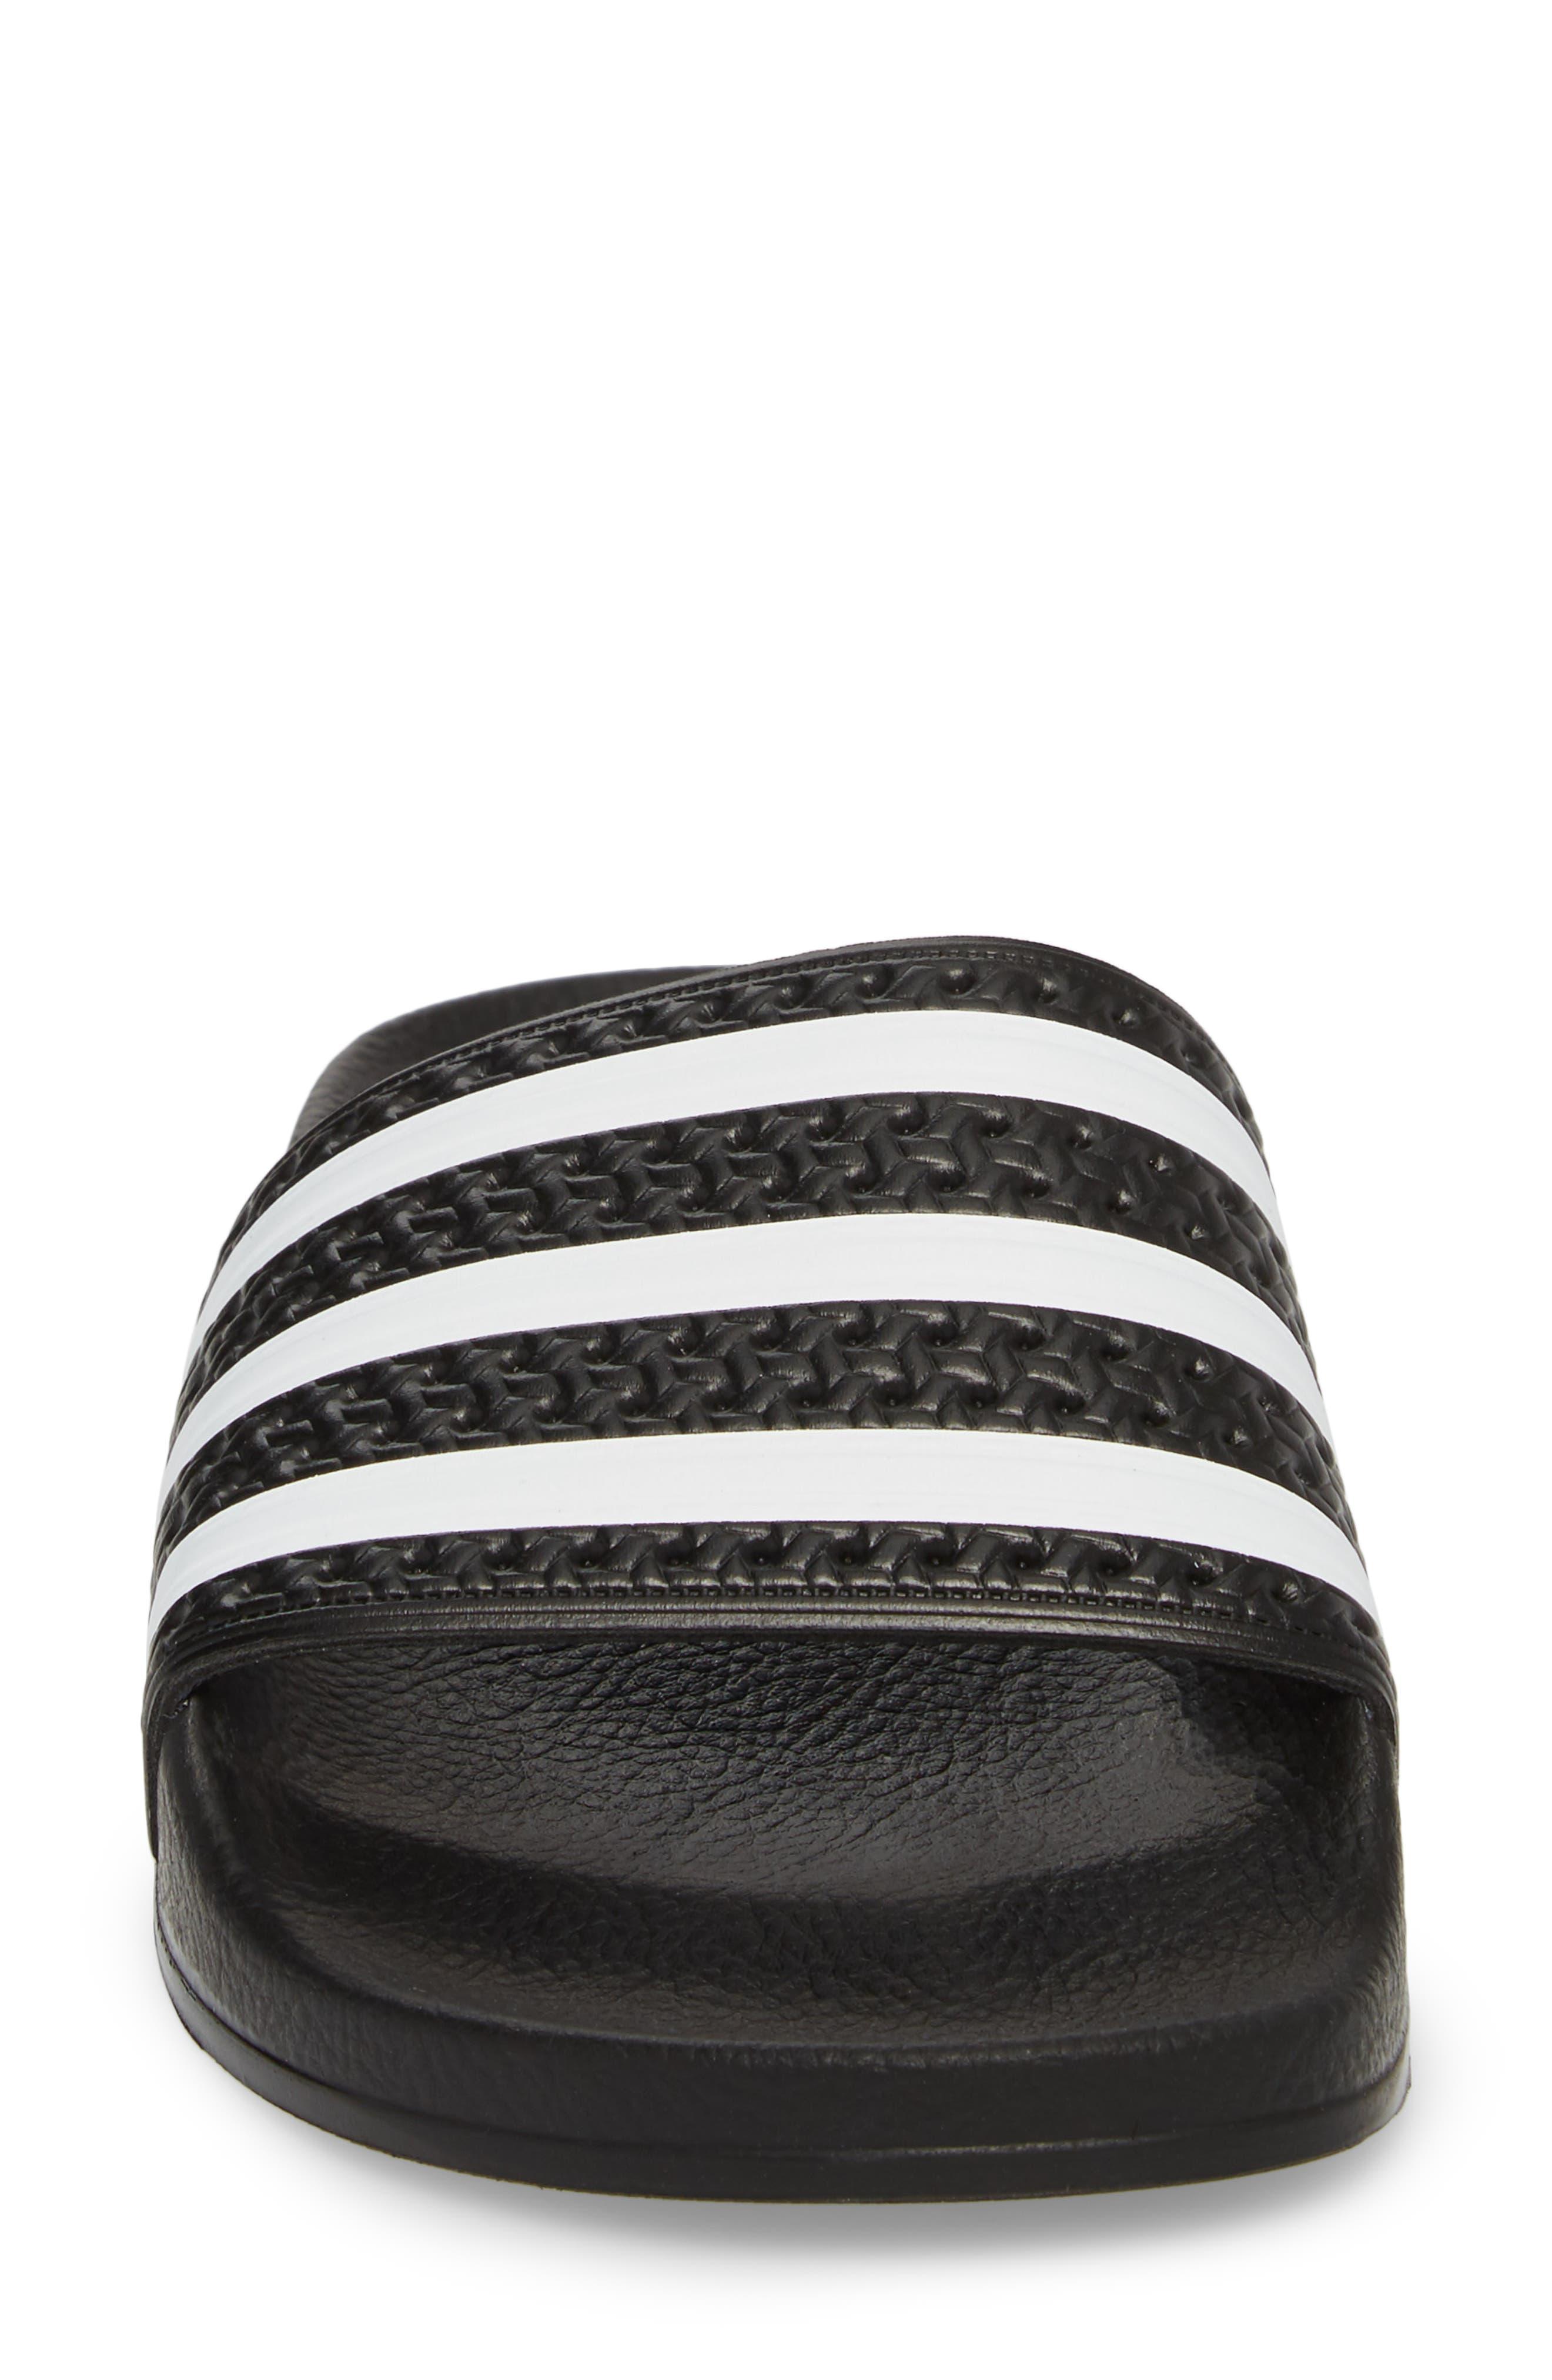 'Adilette' Slide Sandal,                             Alternate thumbnail 4, color,                             CORE BLACK/ WHITE/ CORE BLACK